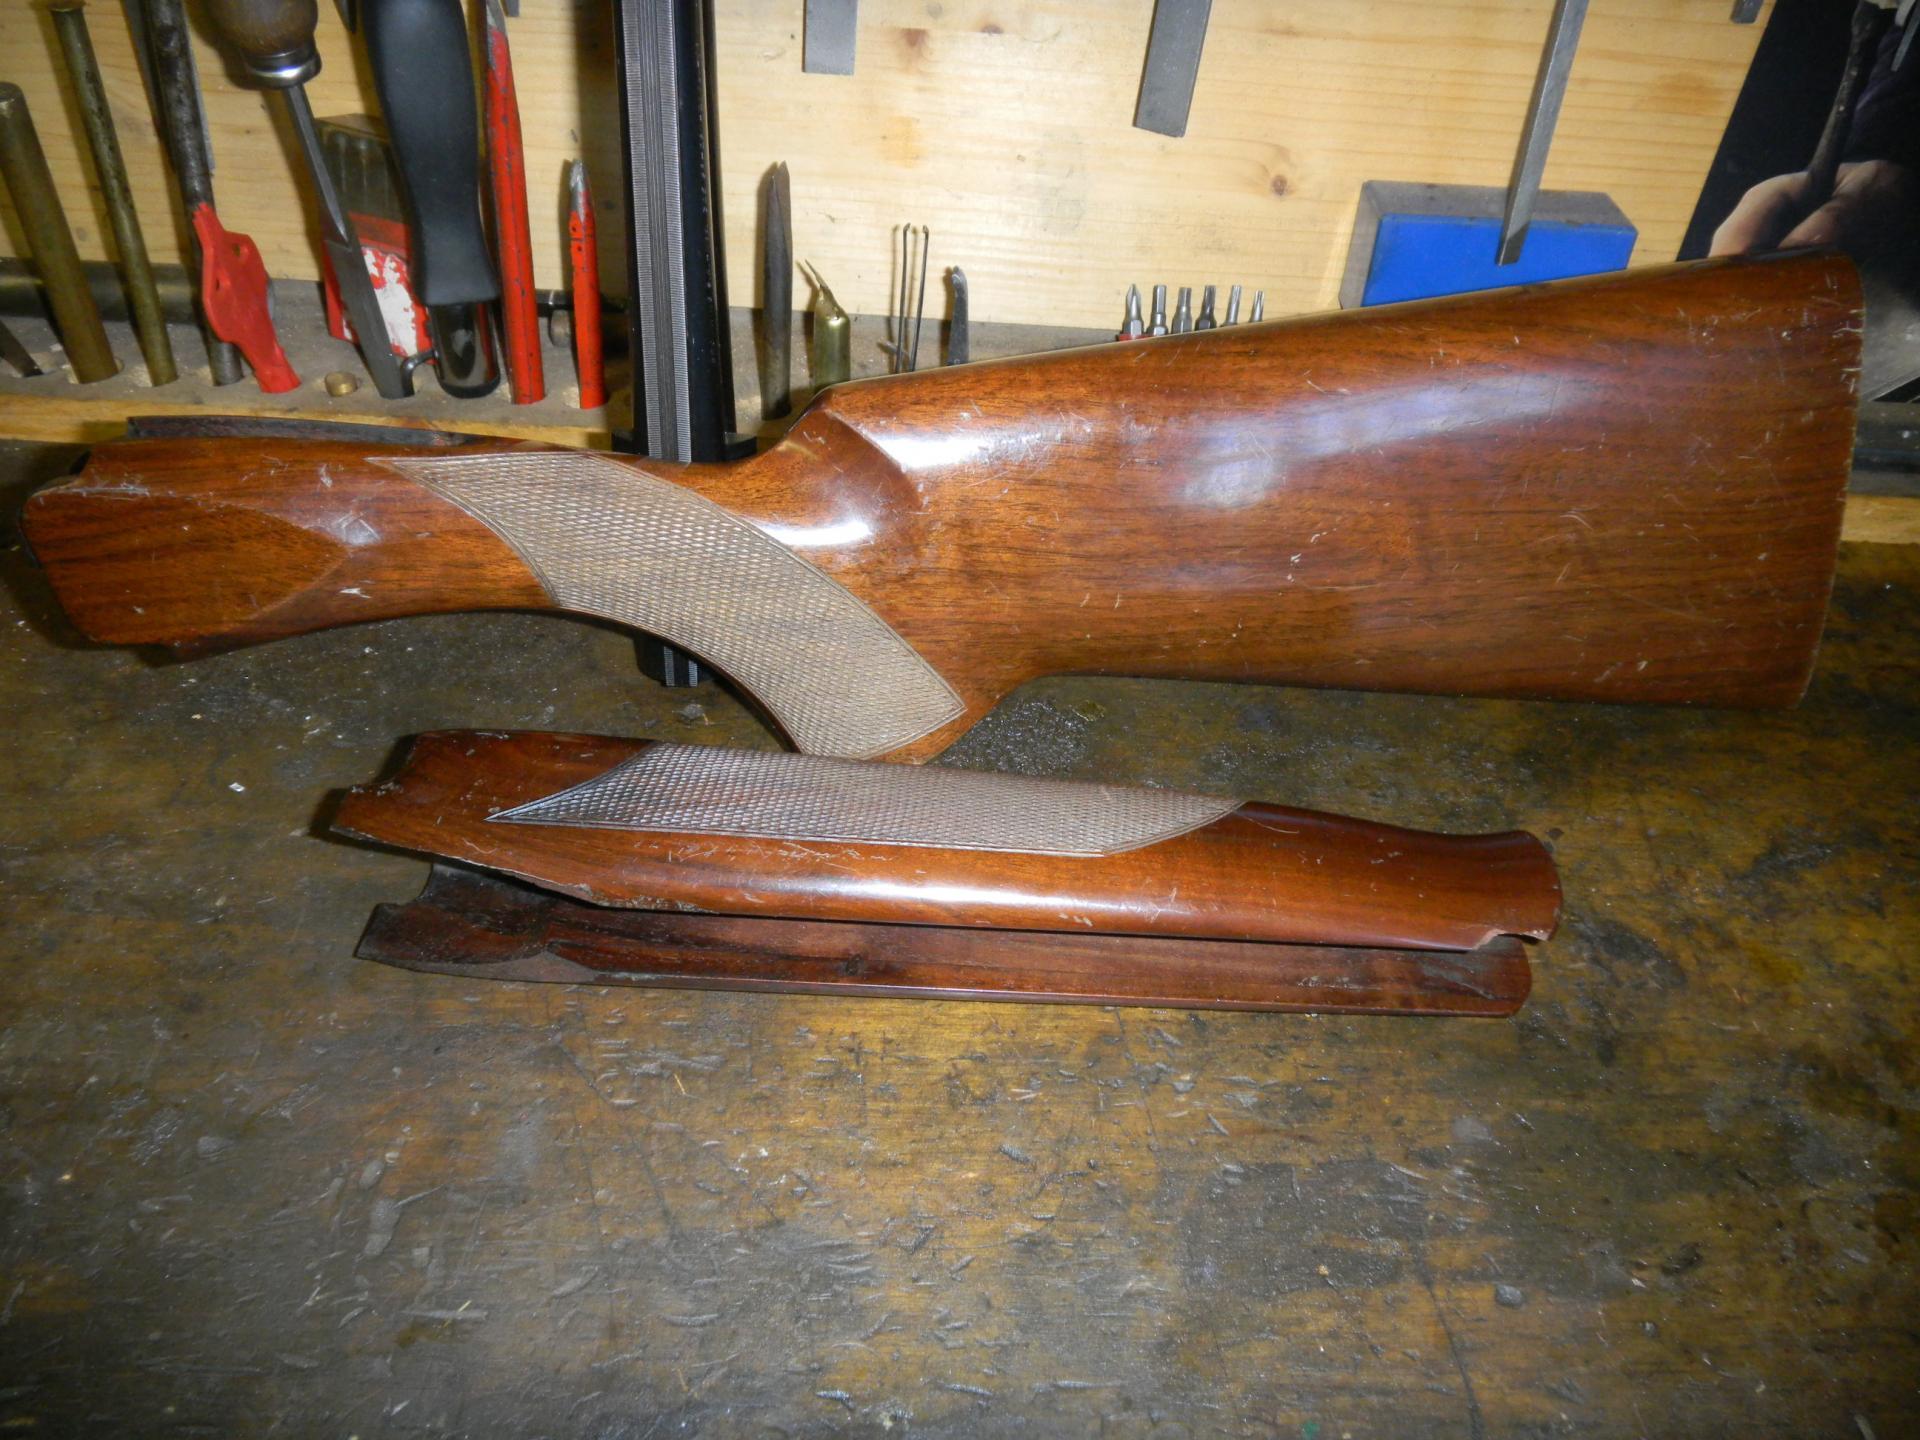 Avant.. Les bois sont rayés et cassés, avec un vernis industriel.